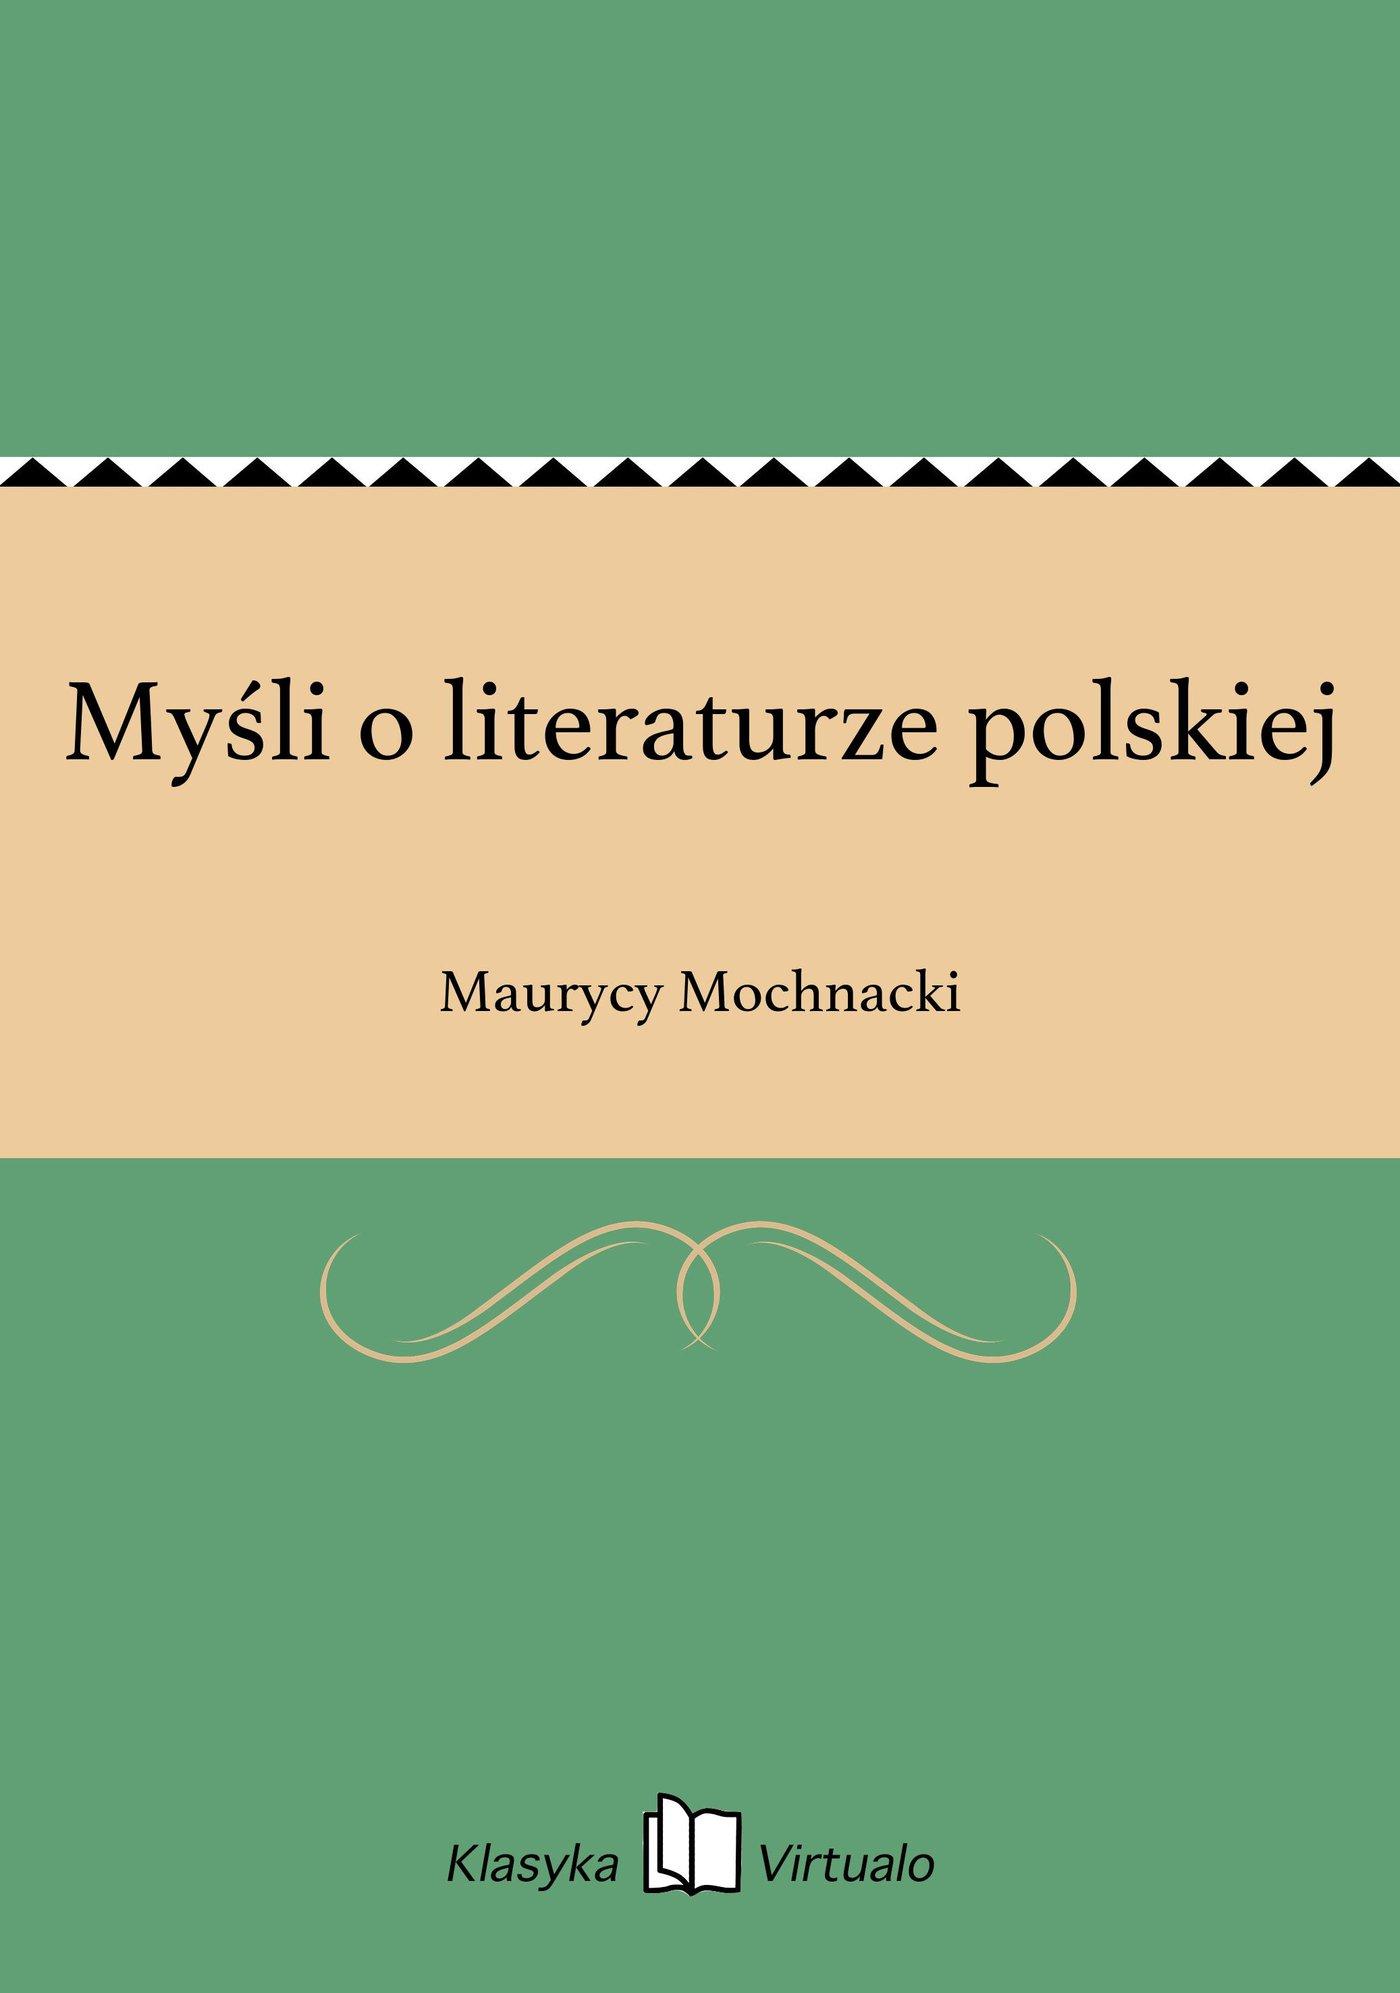 Myśli o literaturze polskiej - Ebook (Książka EPUB) do pobrania w formacie EPUB